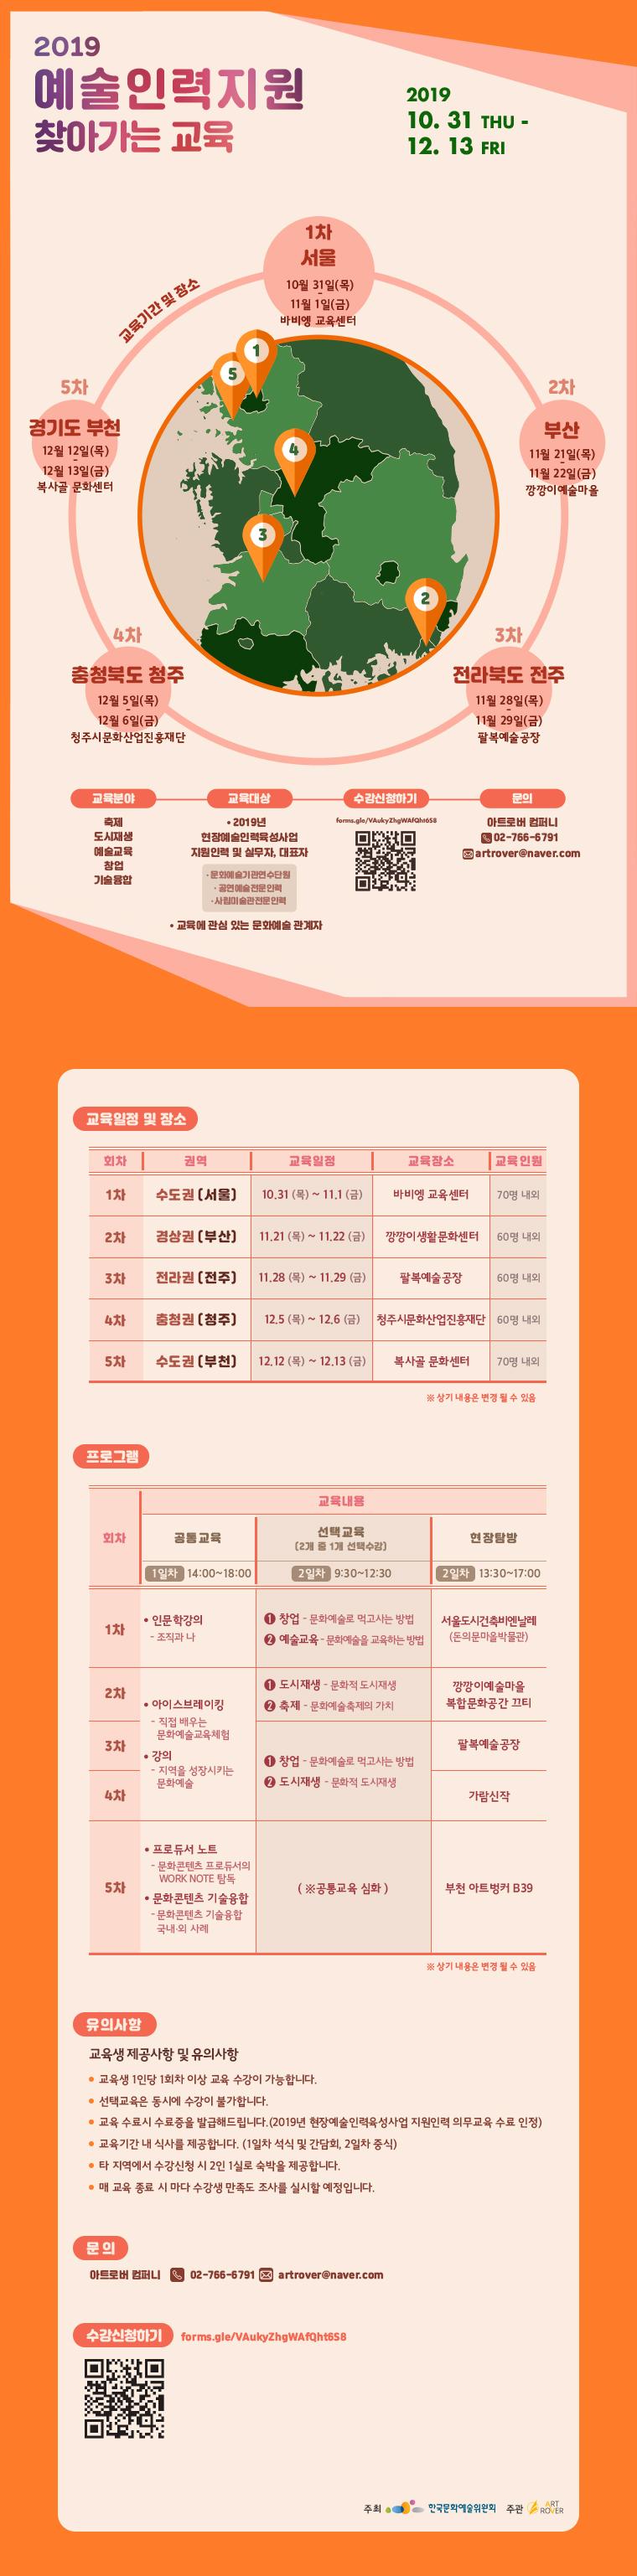 2019예술인력지원_찾아가는교육_웹전단.jpg